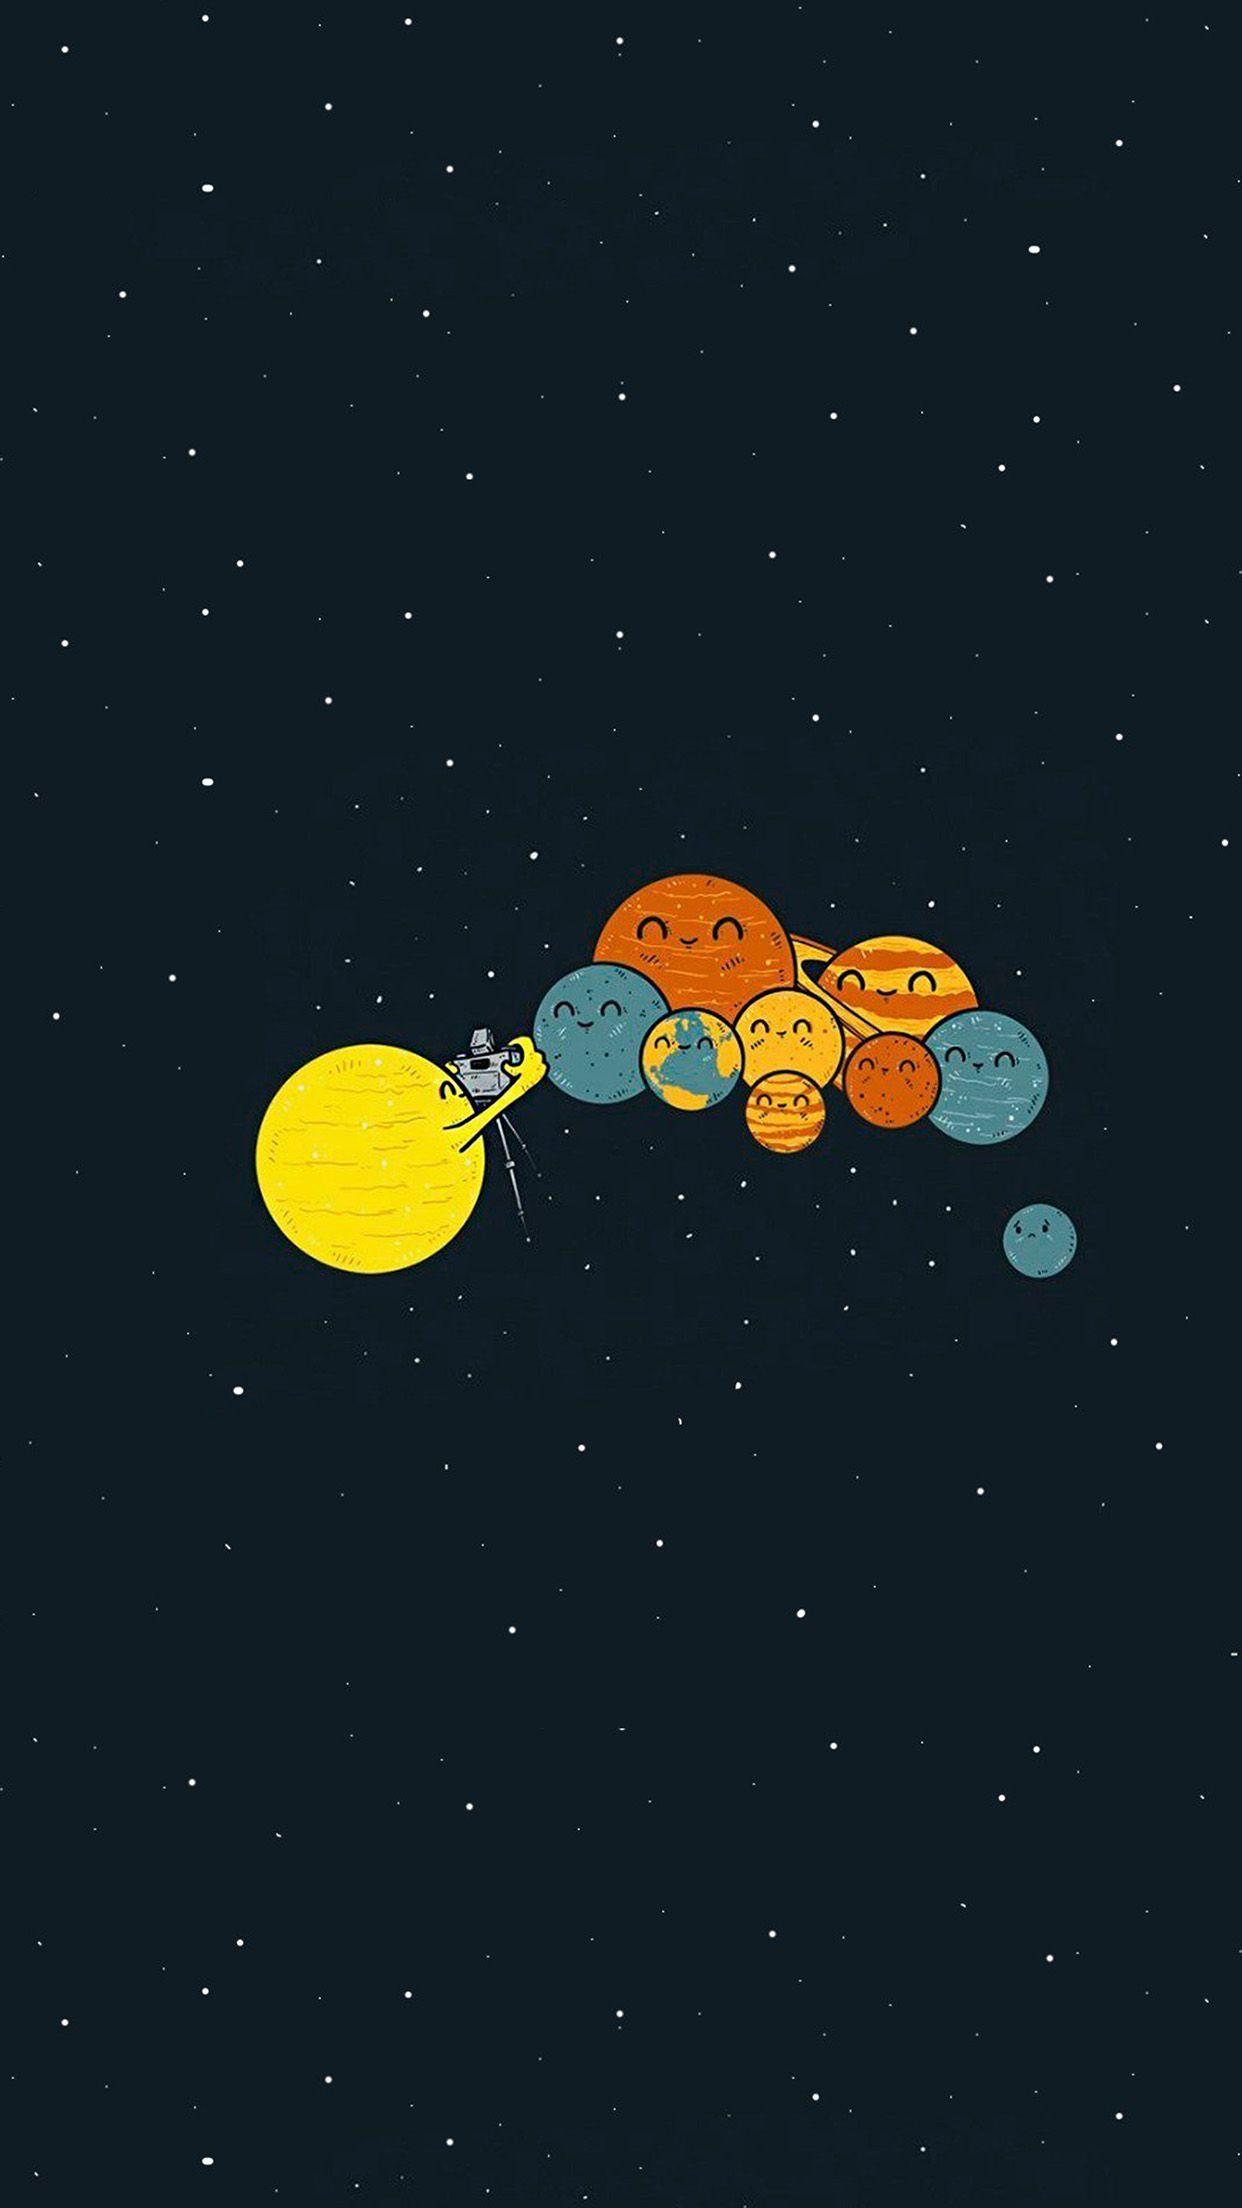 ảnh nền vũ trụ cute